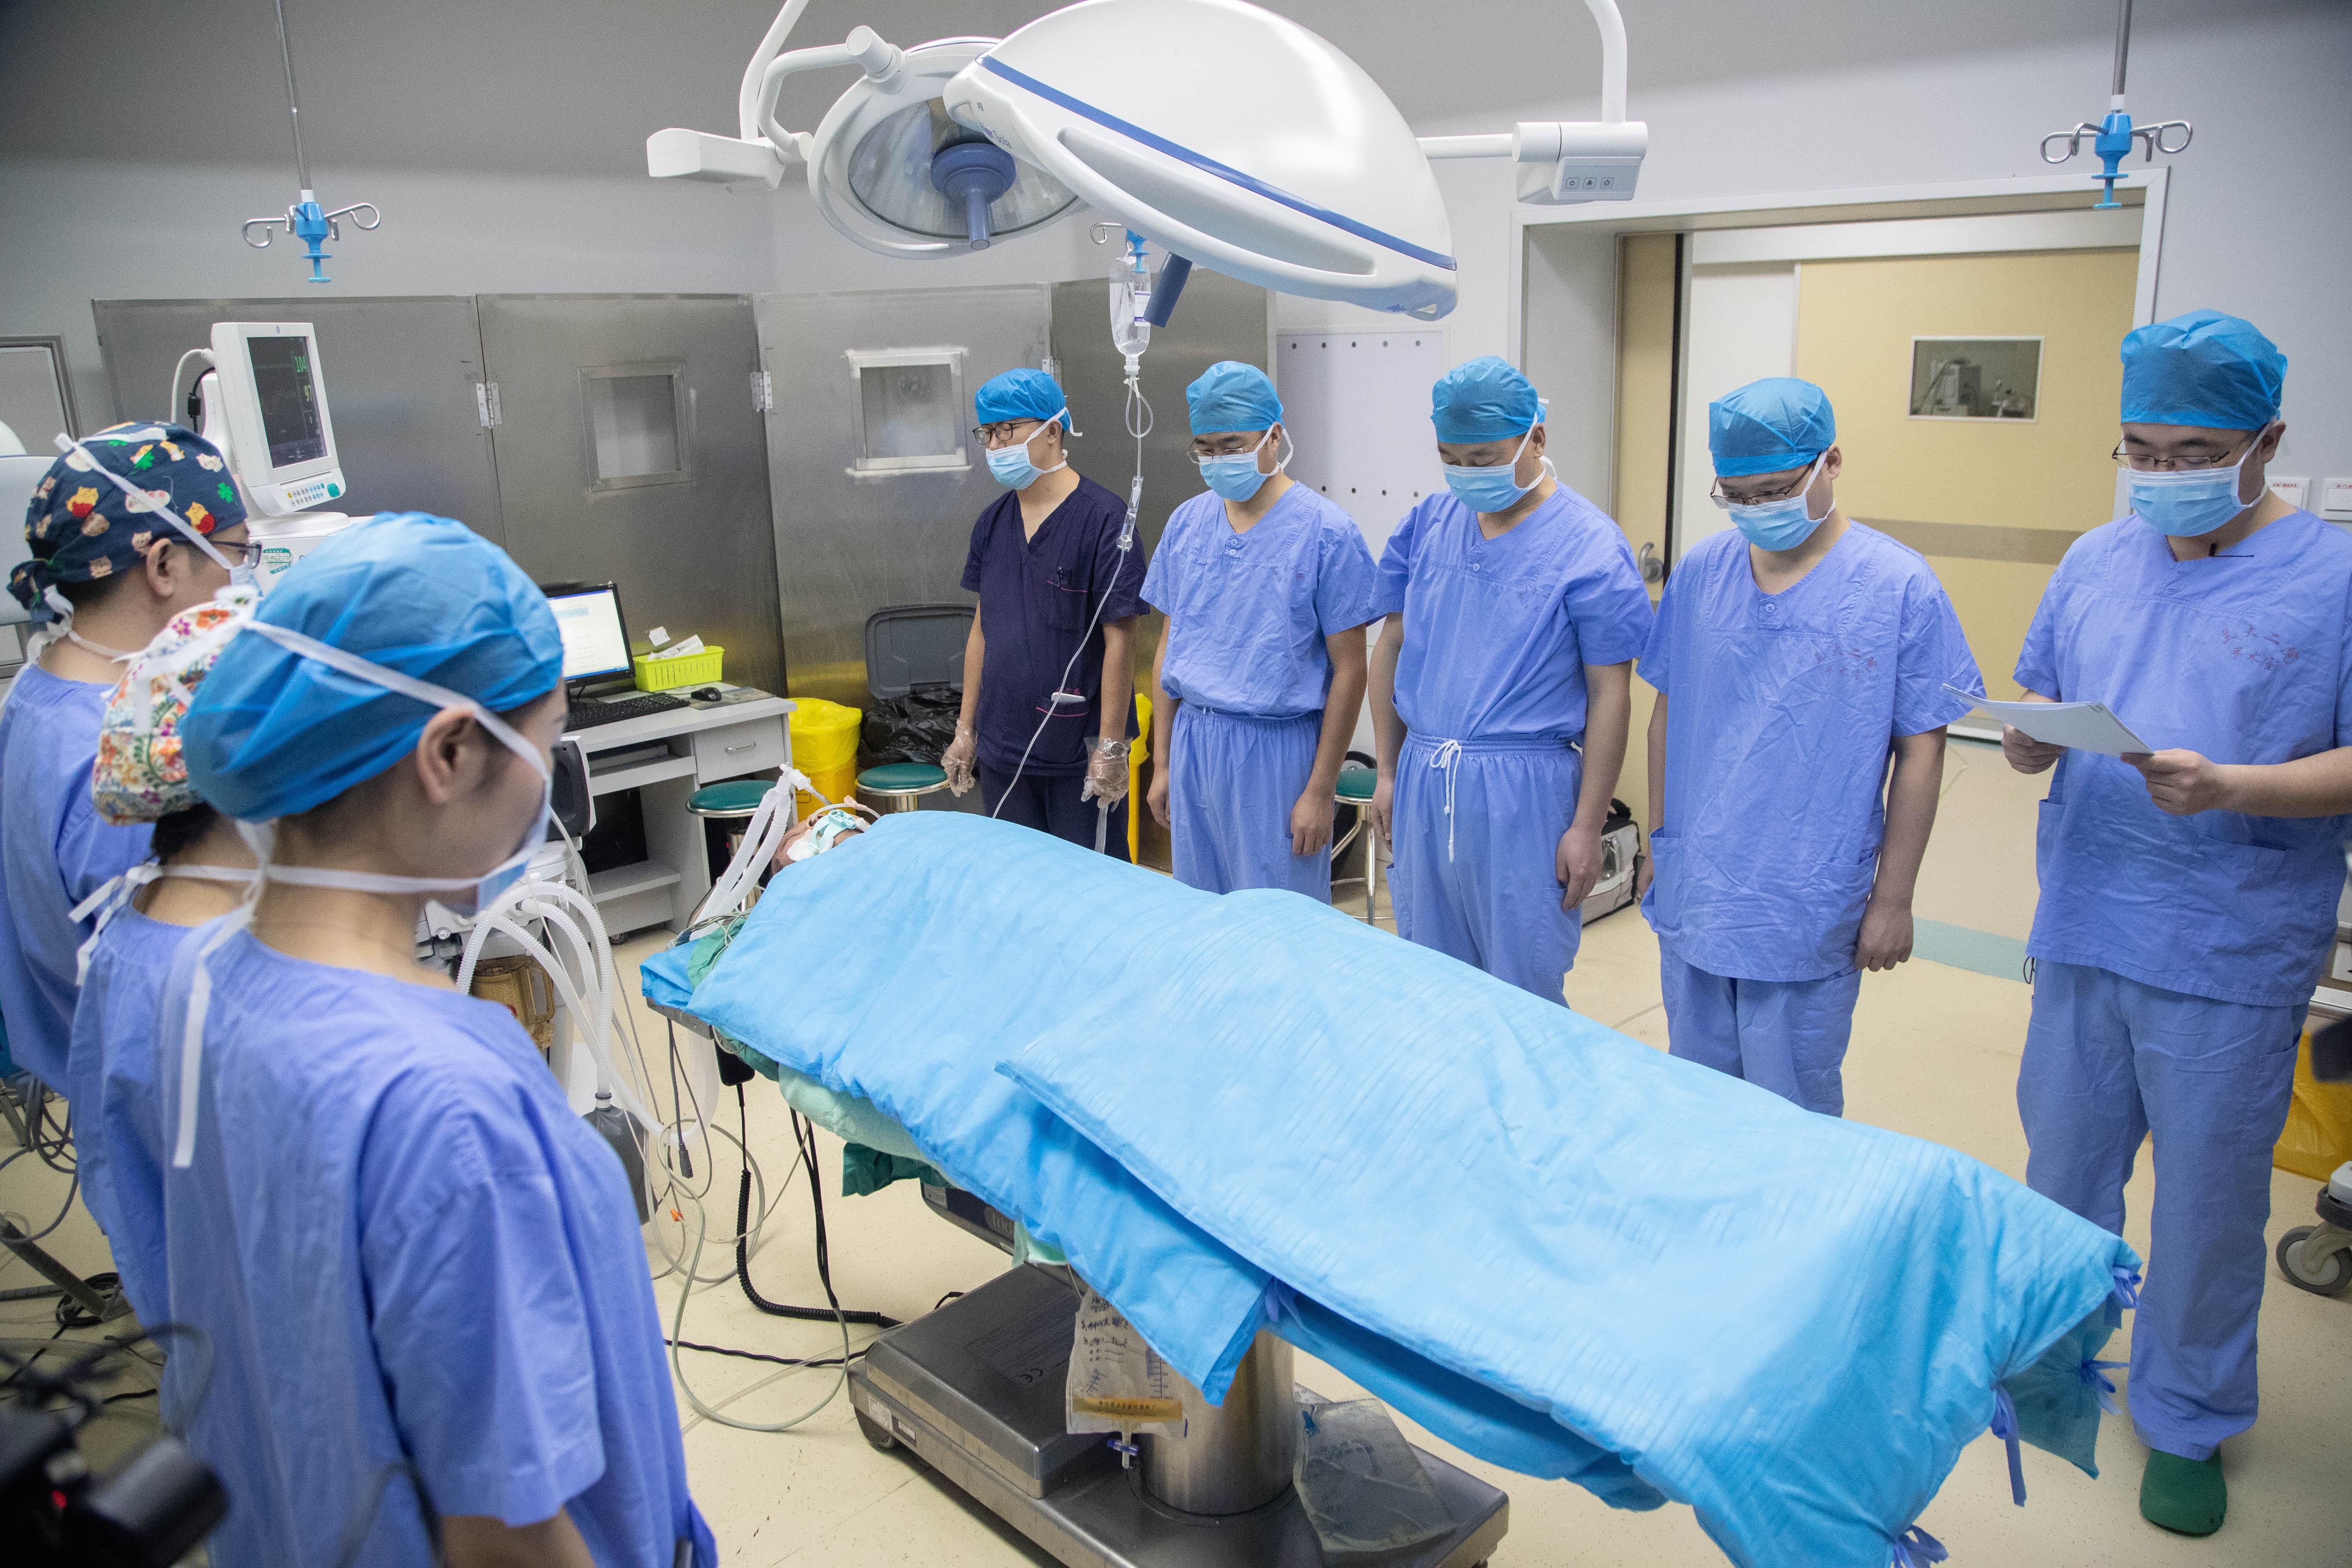 暖新闻|兰州22岁青年捐器官助4人获新生